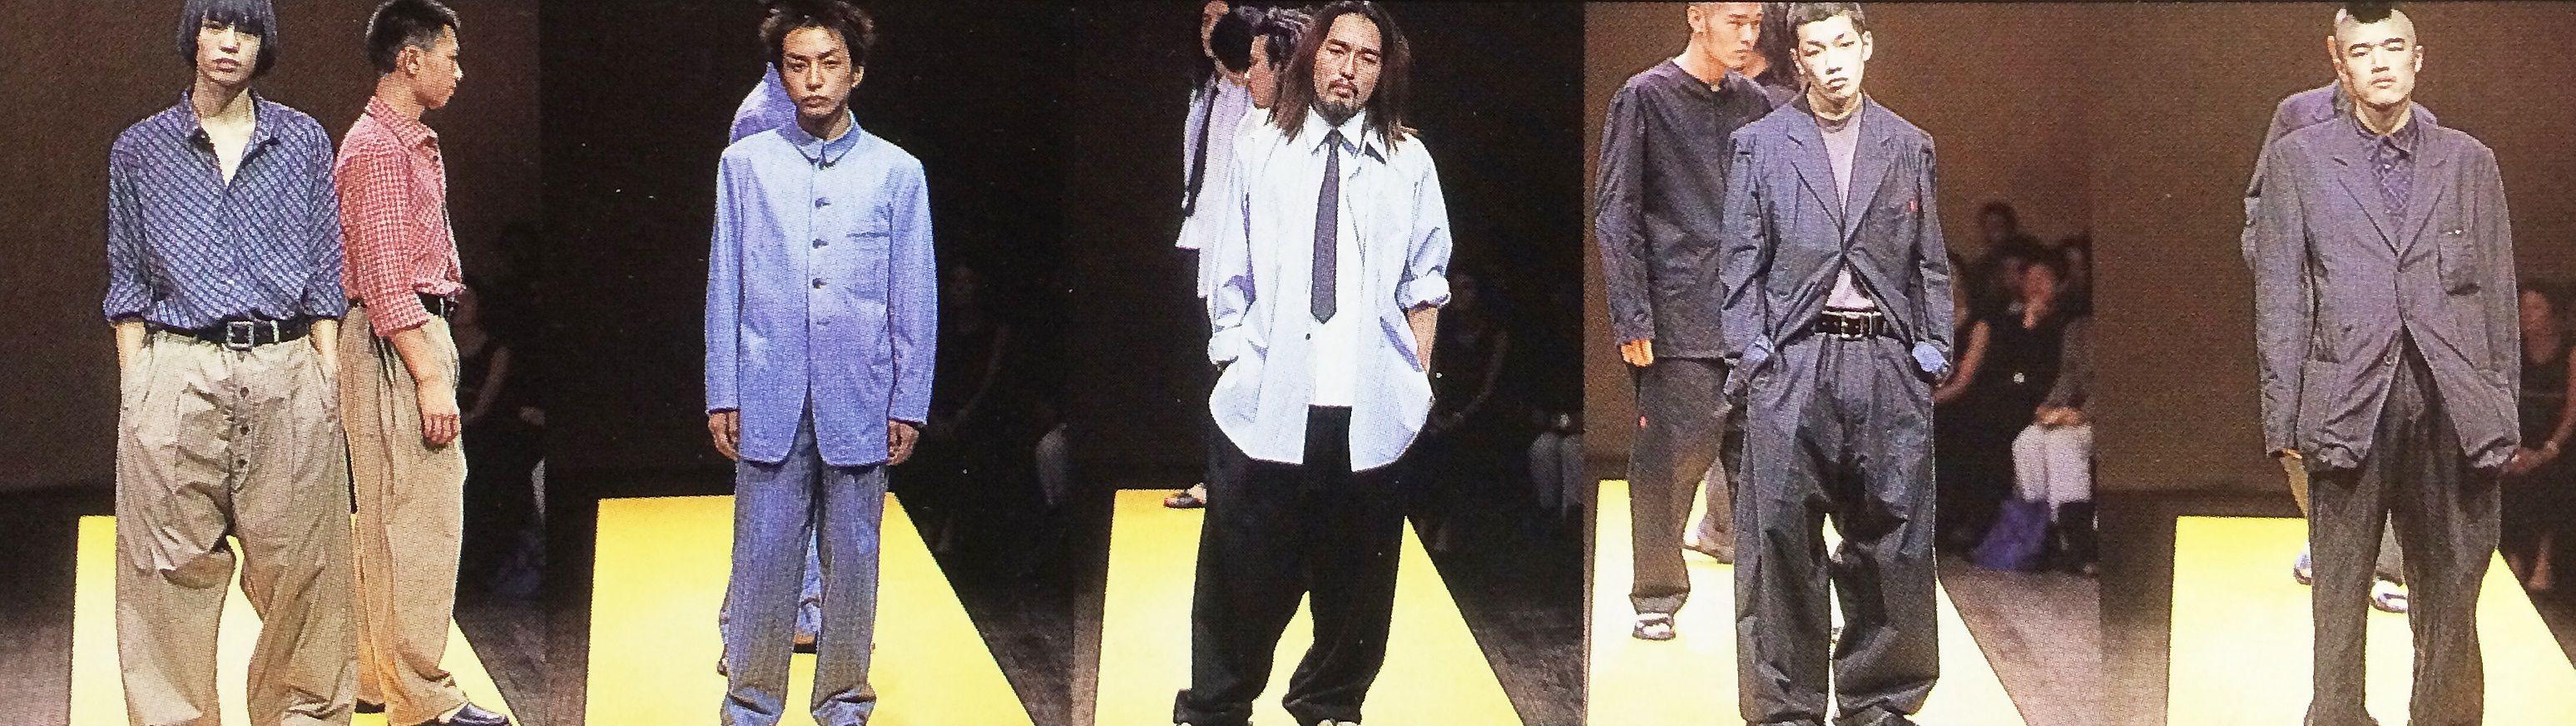 Yohji Yamamoto 2000s/s